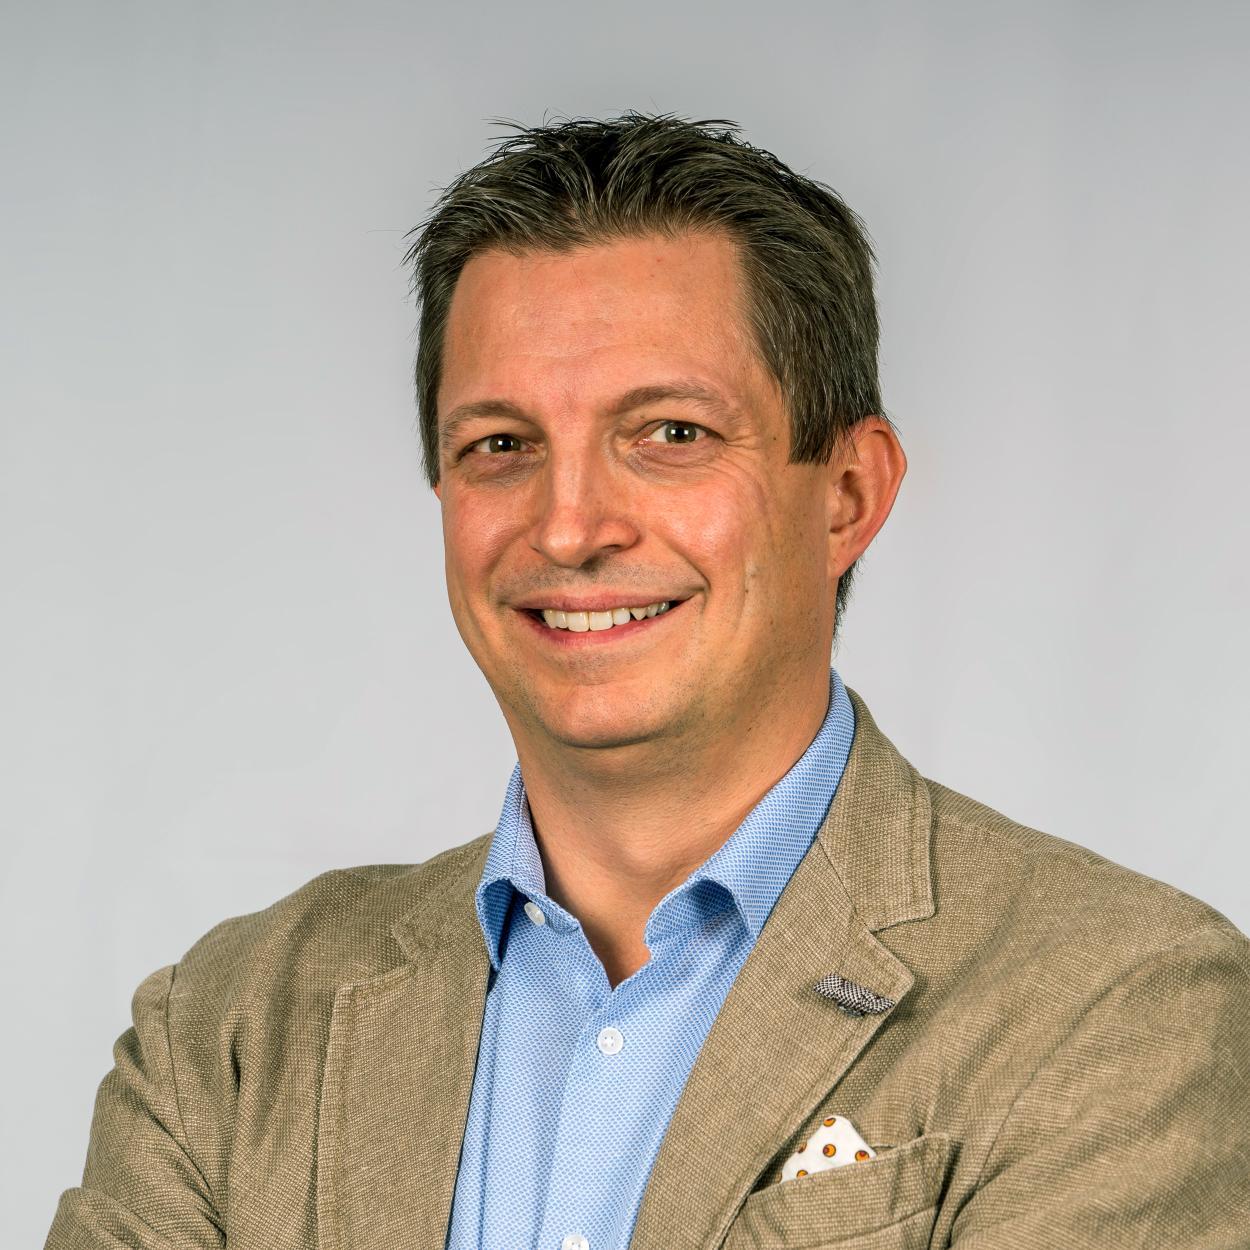 12. Gantner Michael